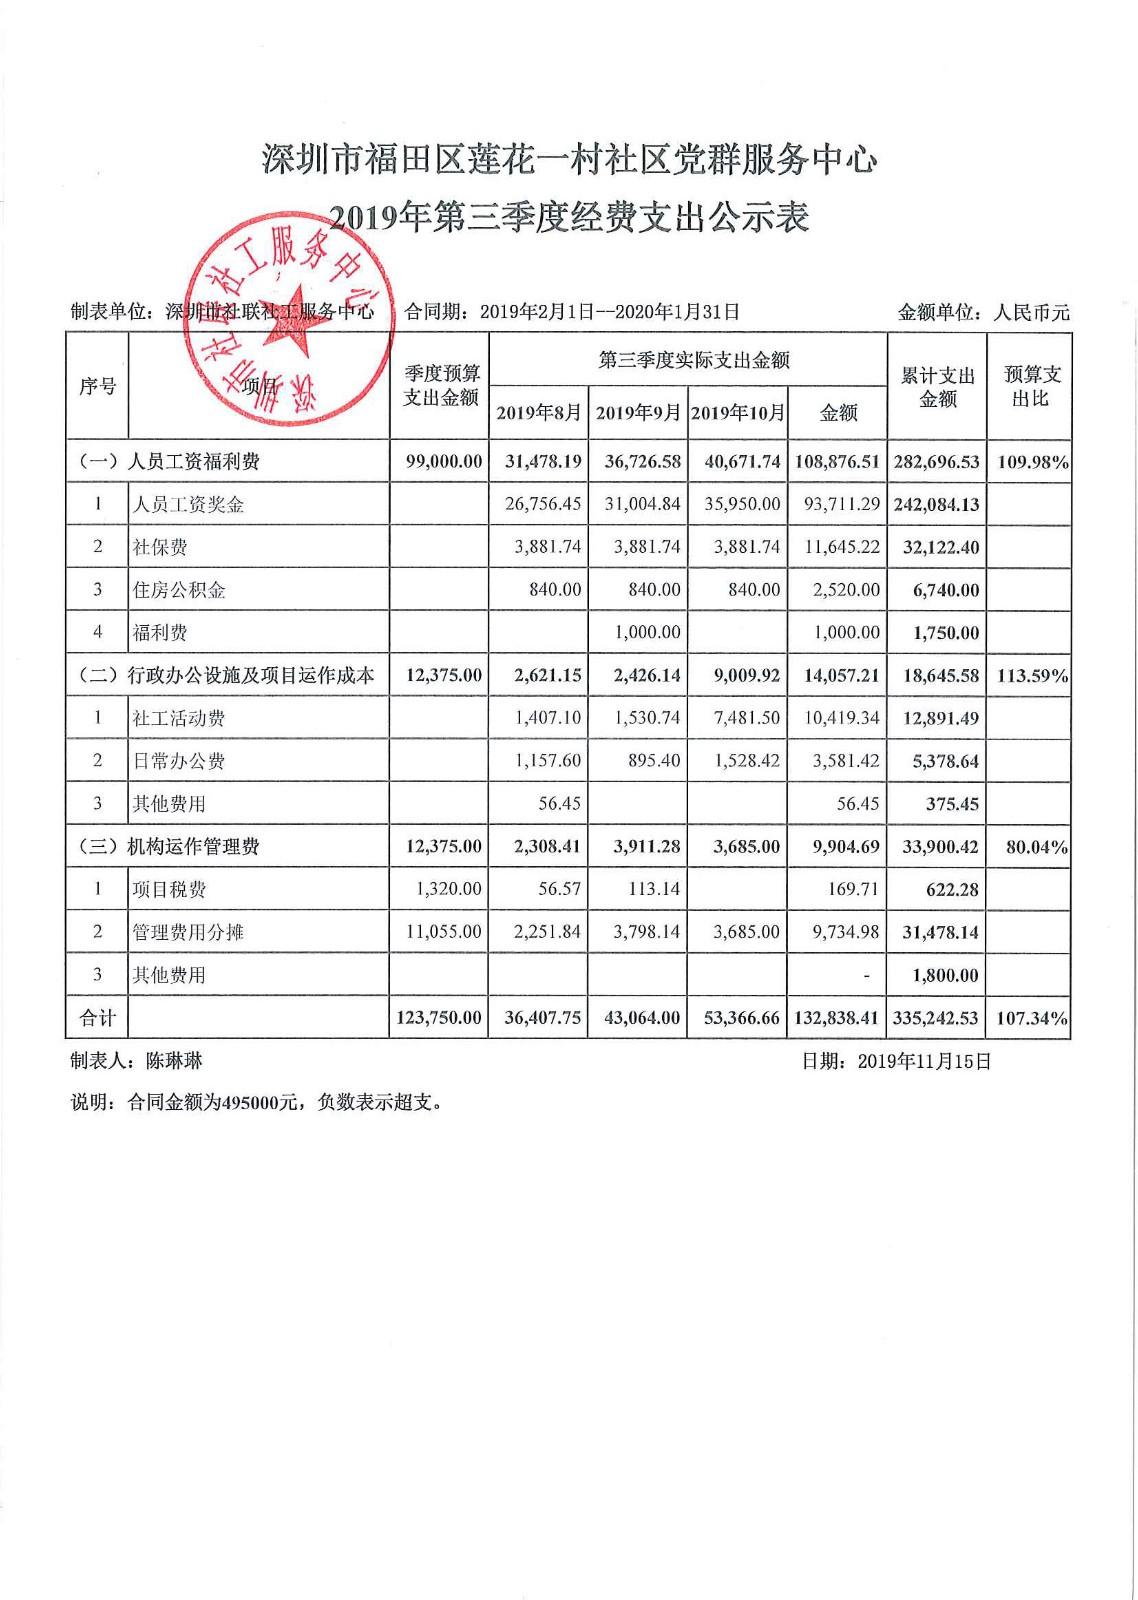 2019年度第三季度莲花一村支出公示表